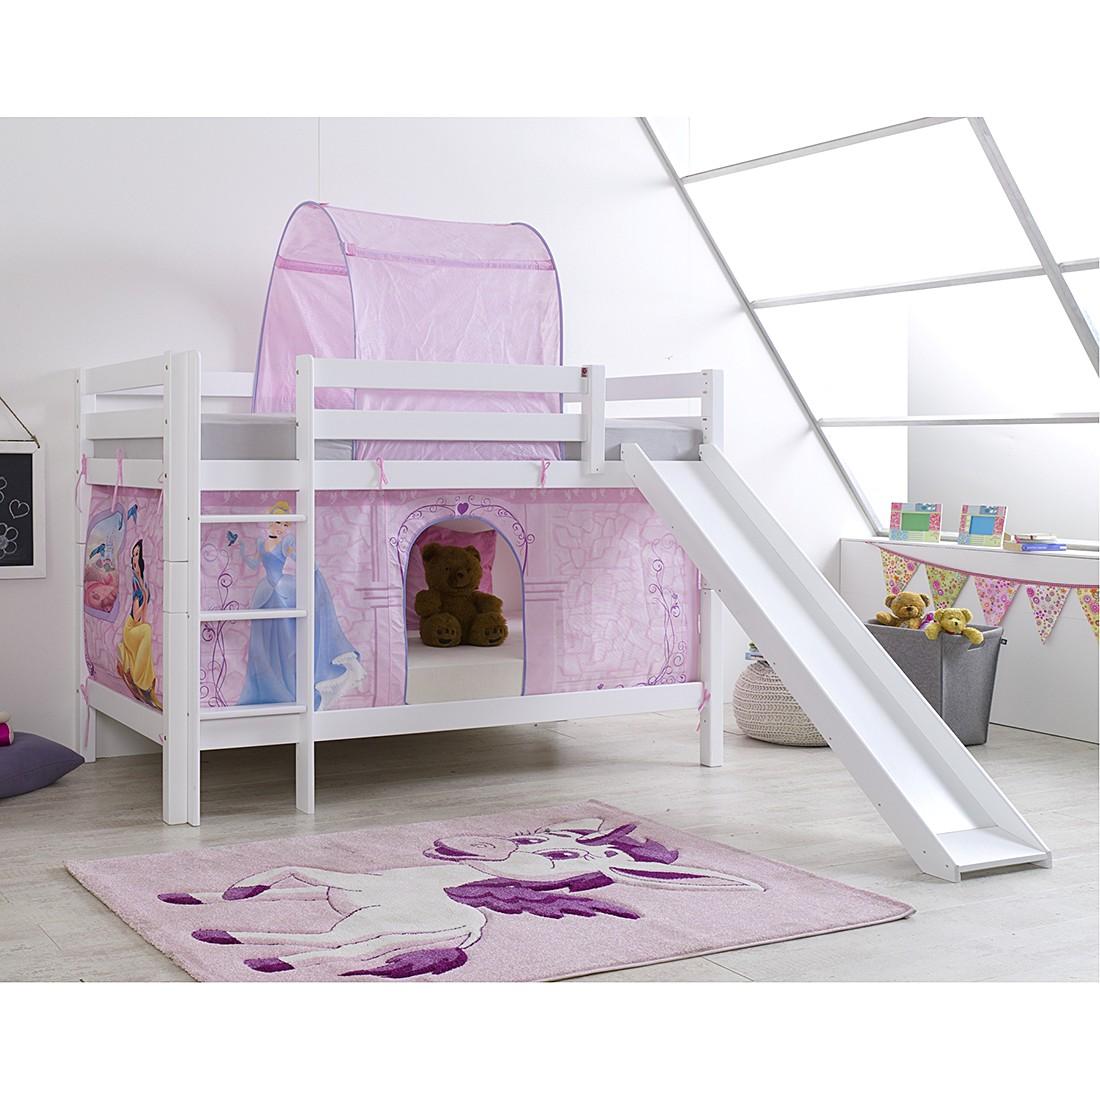 Relita Etagenbett – für ein modernes Kinderzimmer | home24